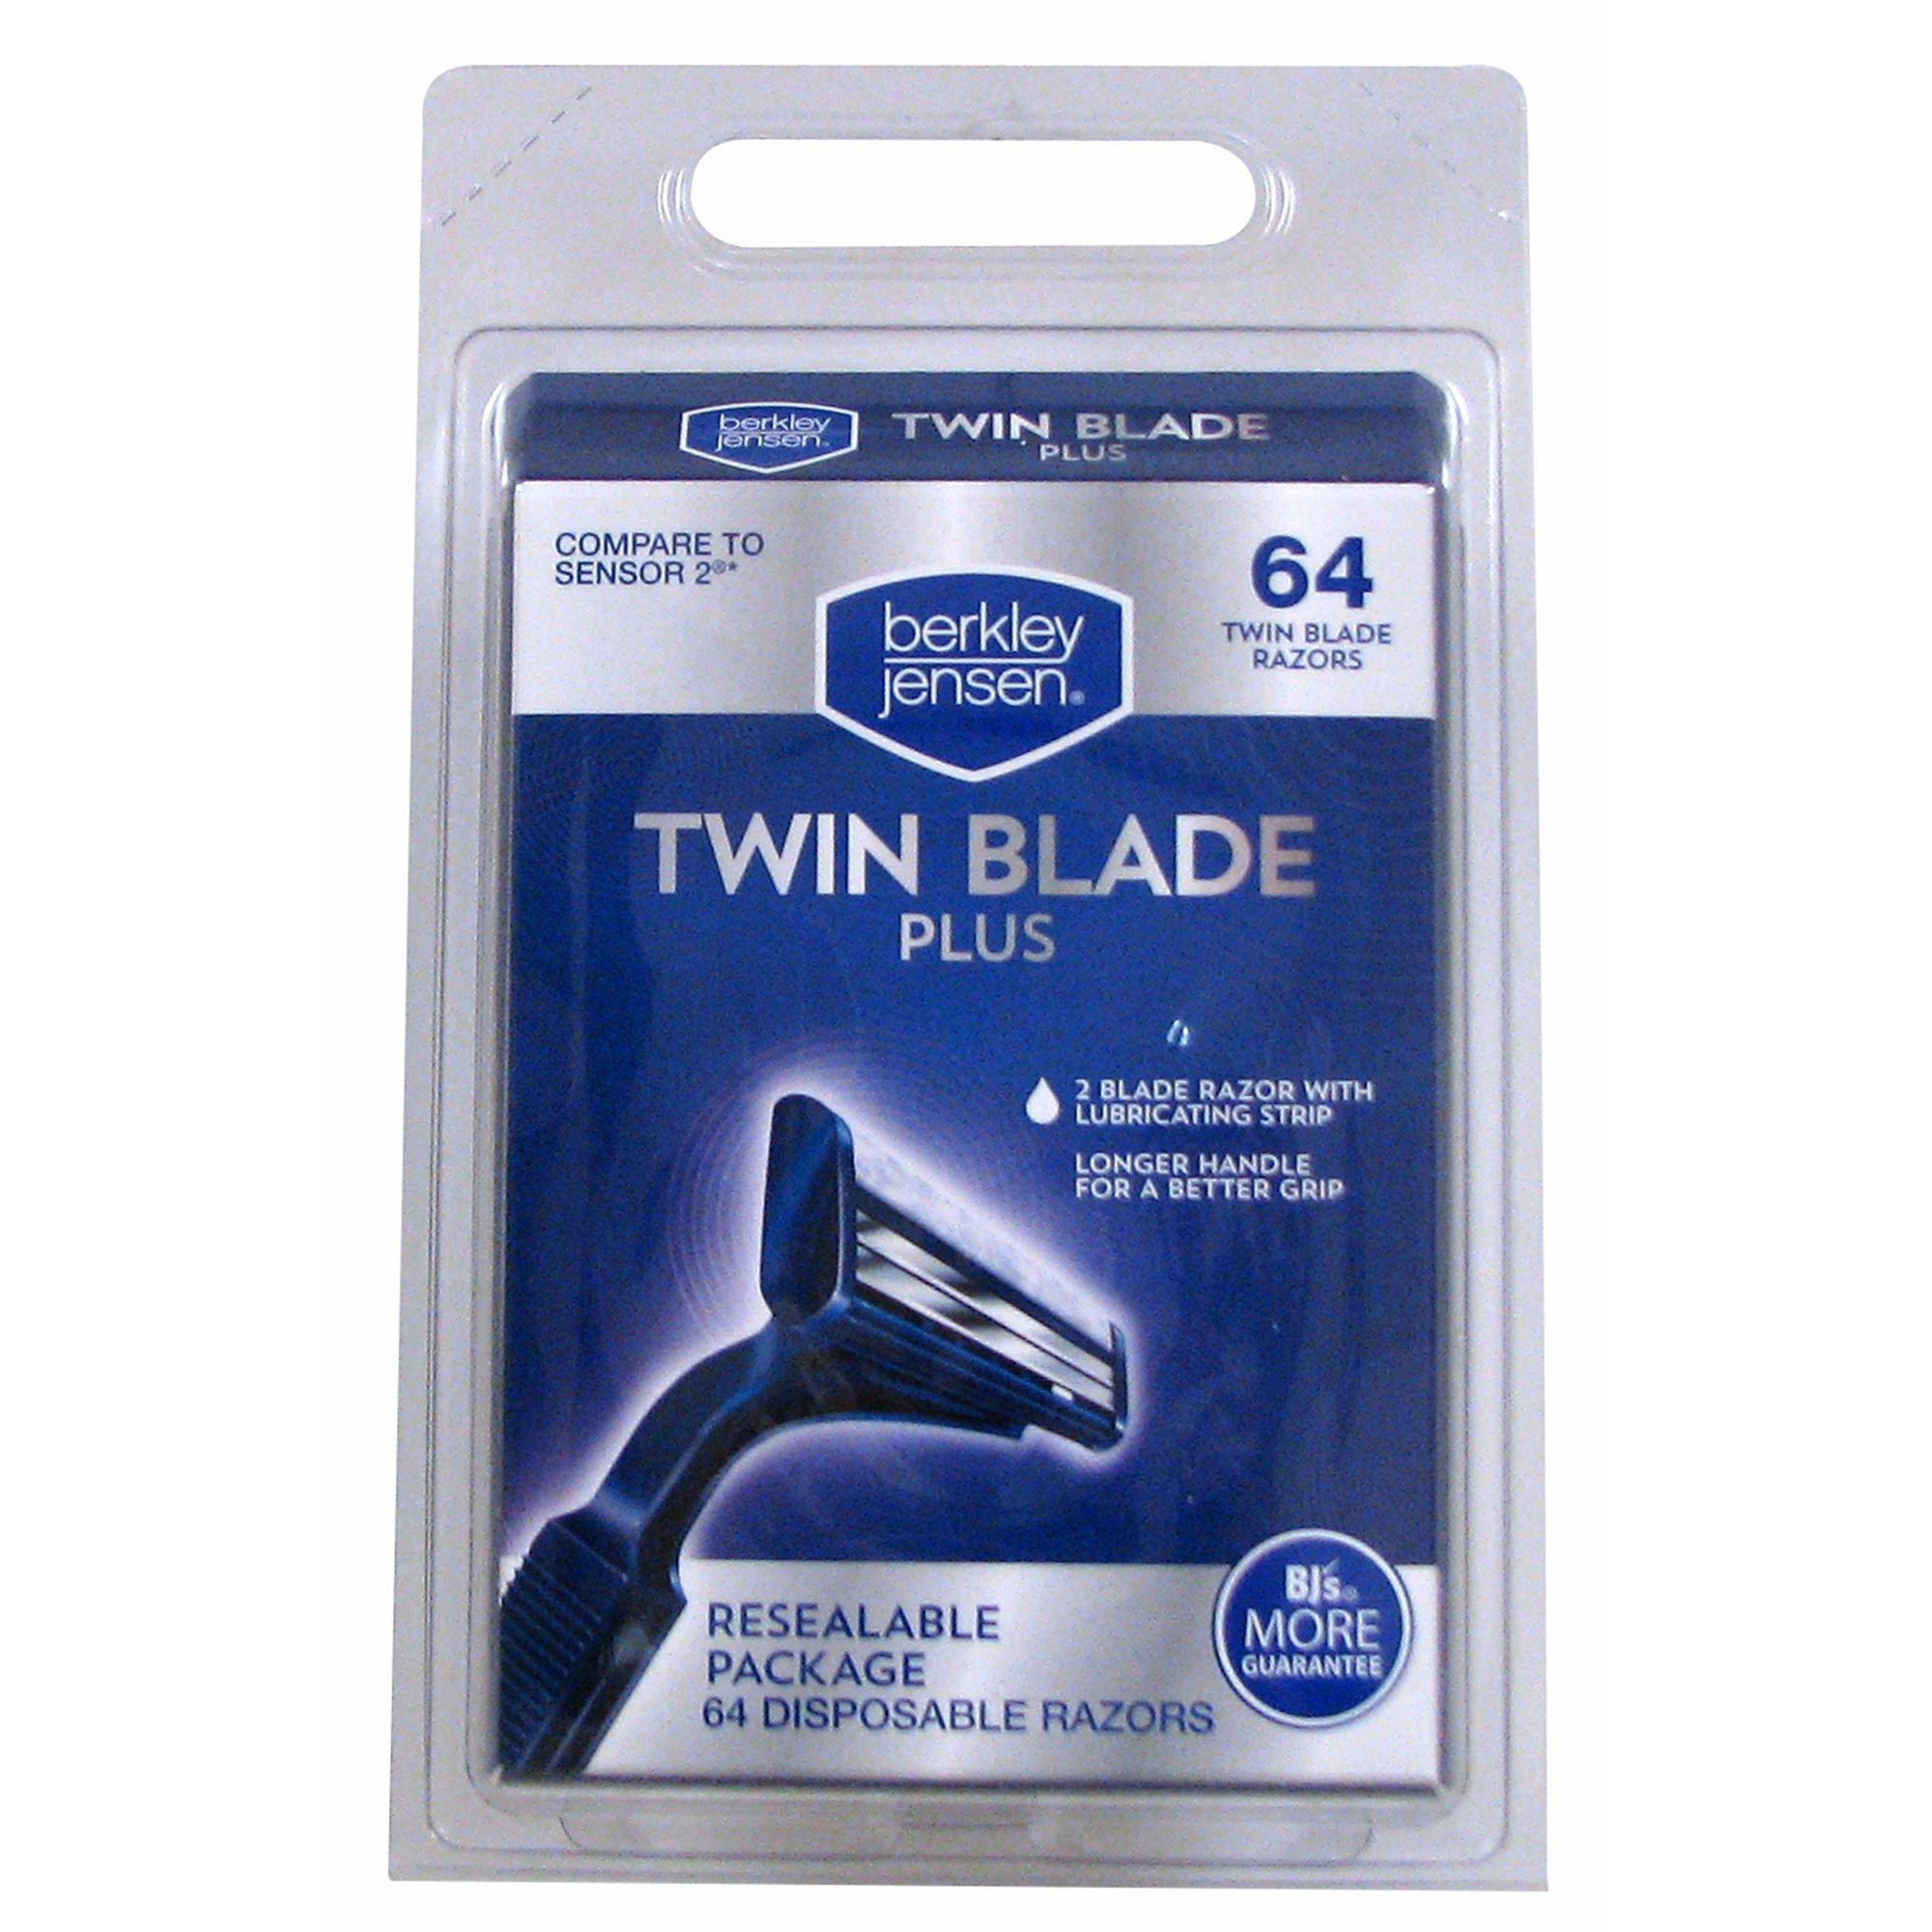 Berkley Jensen Twin Blade Plus Disposable Razor, 64 ct. (pack of 6)